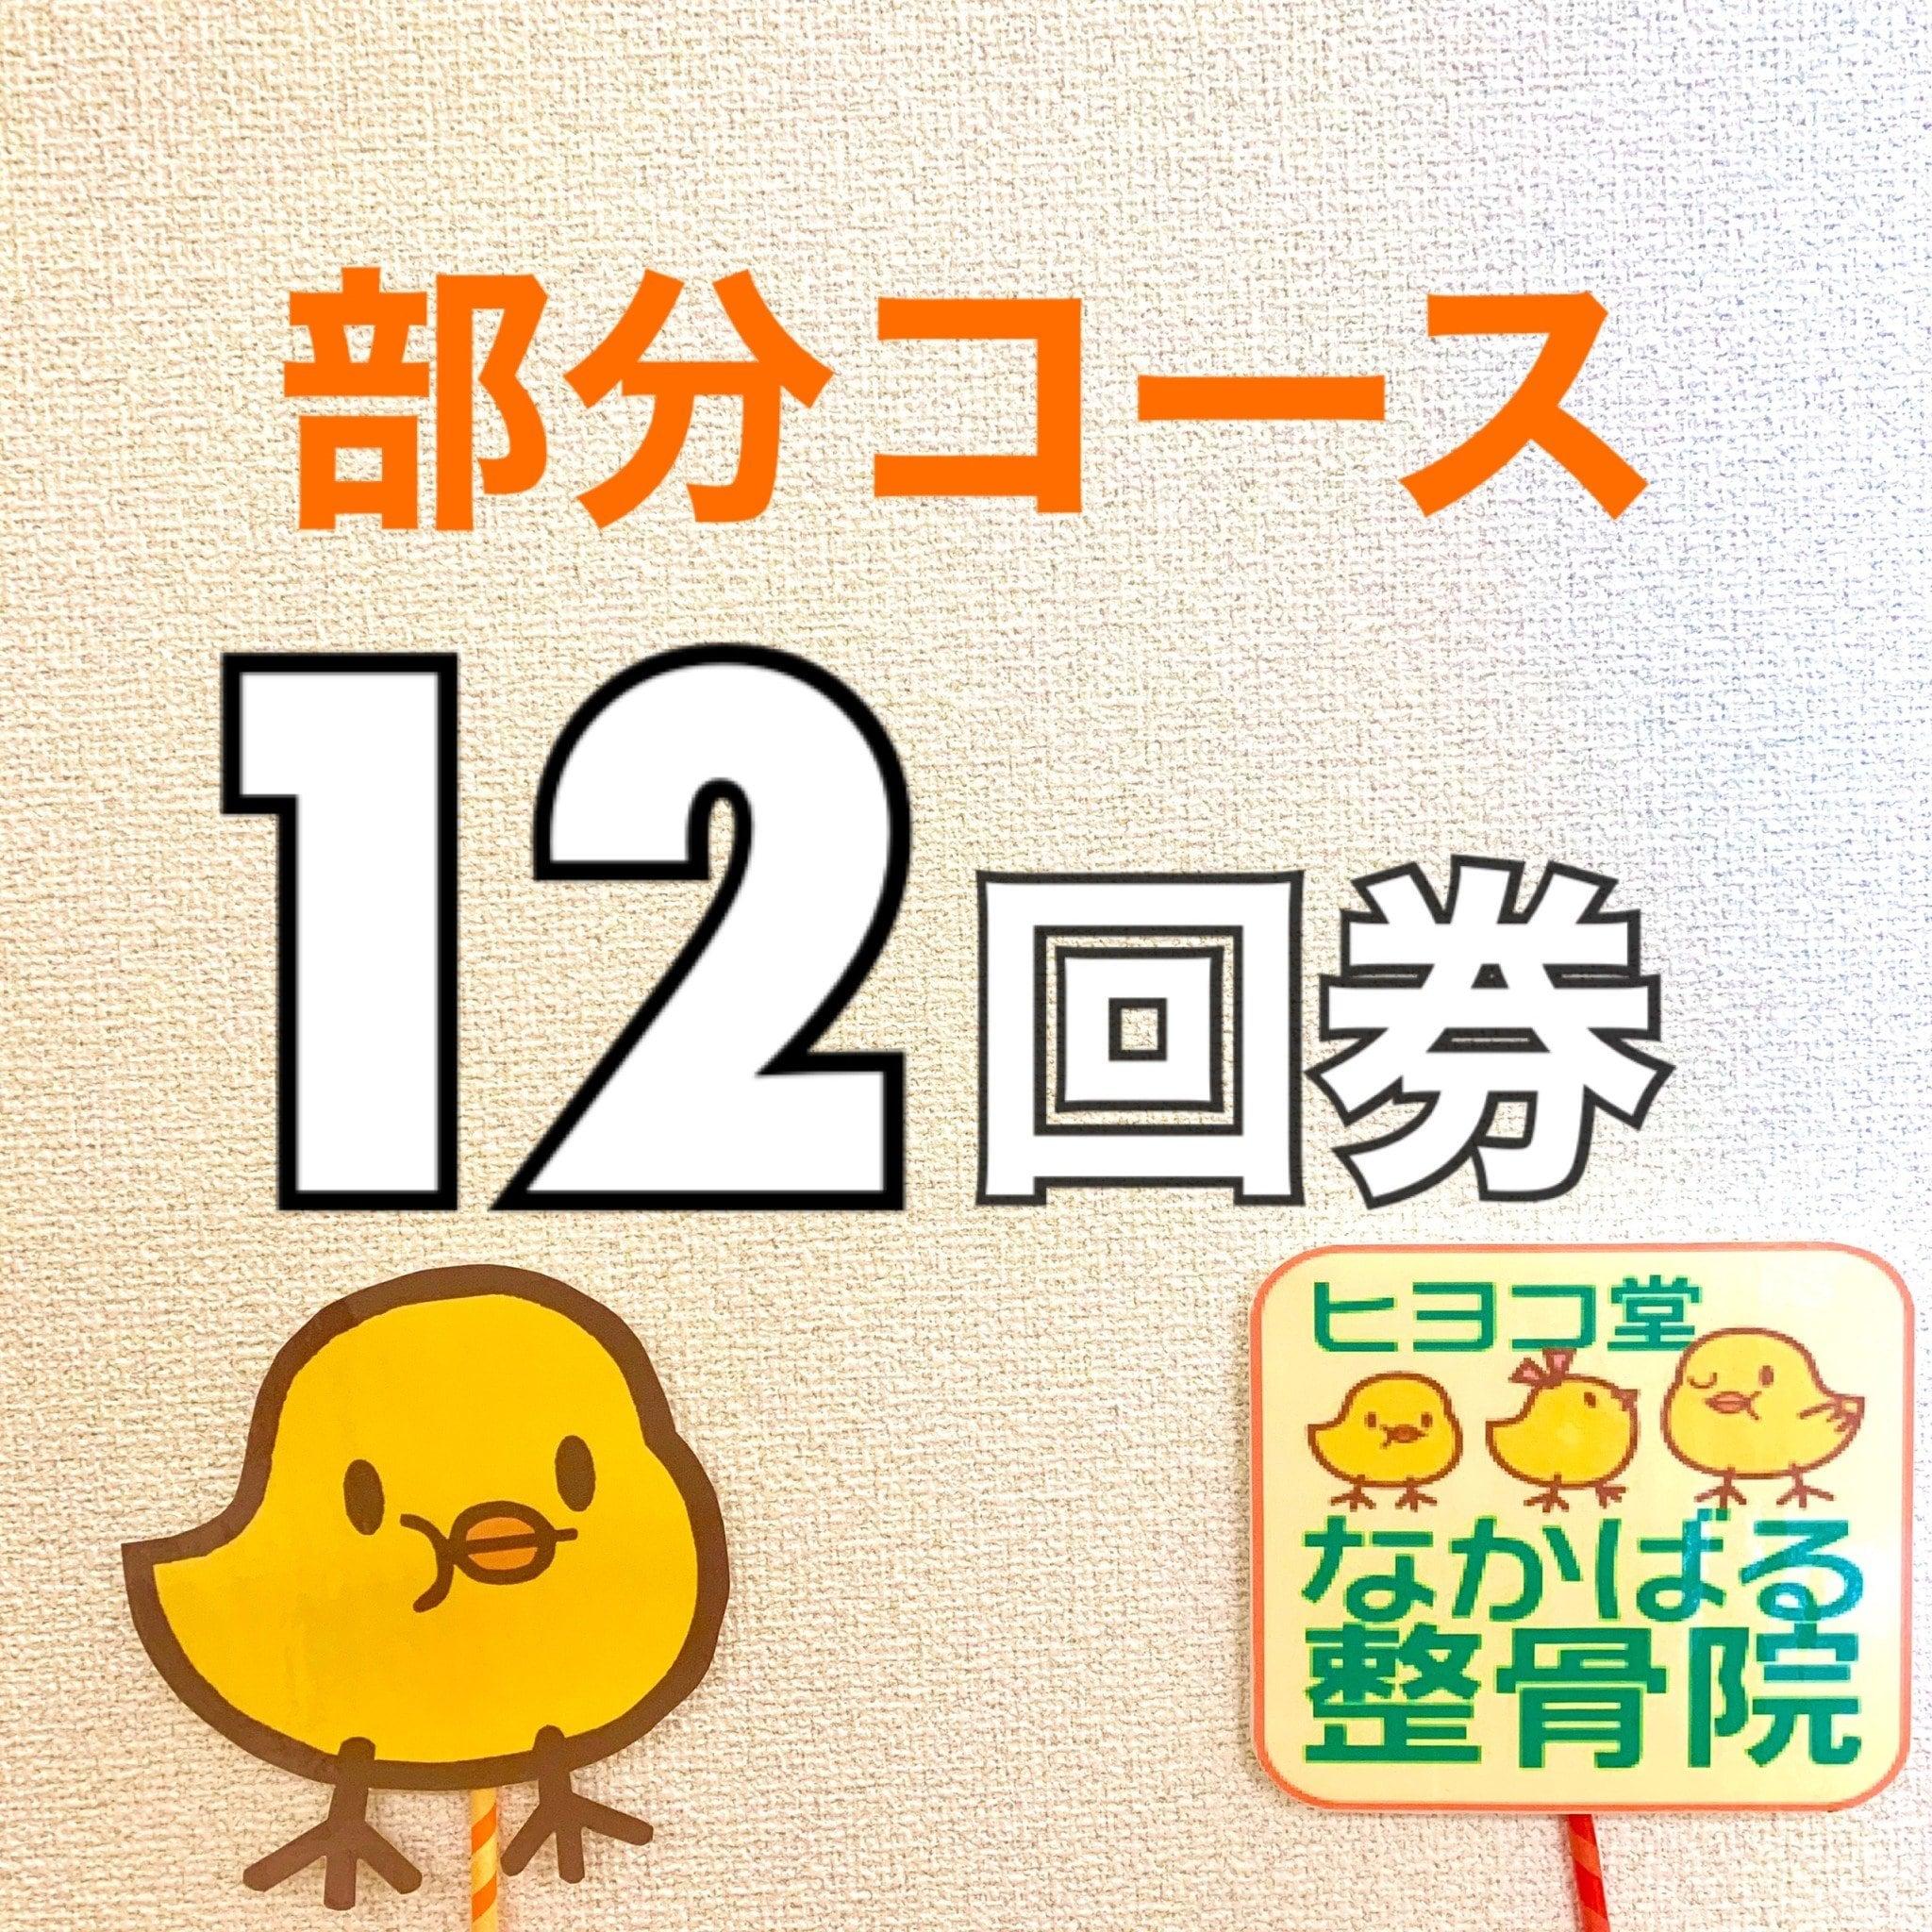 【12回券】部分コース 回数券のイメージその1